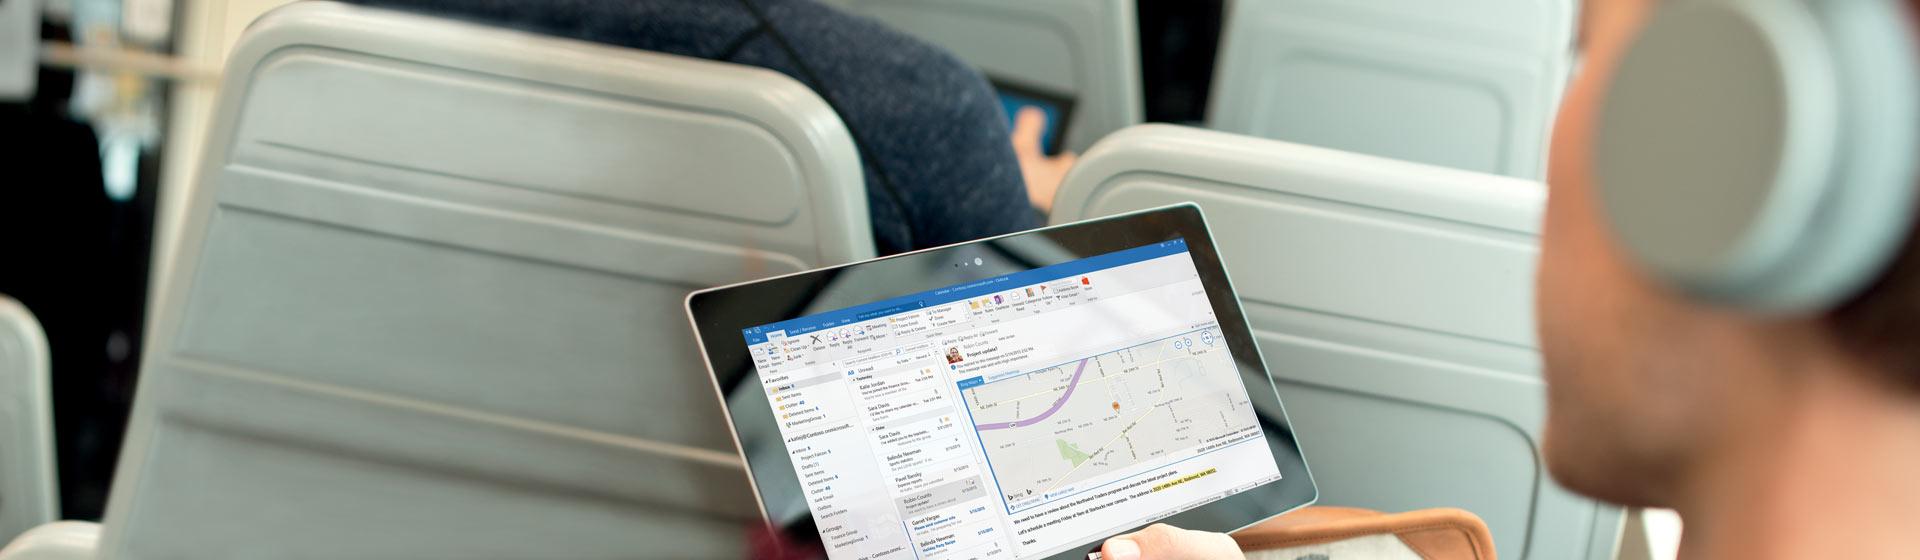 Slika čoveka koji drži tablet sa prikazom prijemnog poštanskog sandučeta u usluzi Office 365